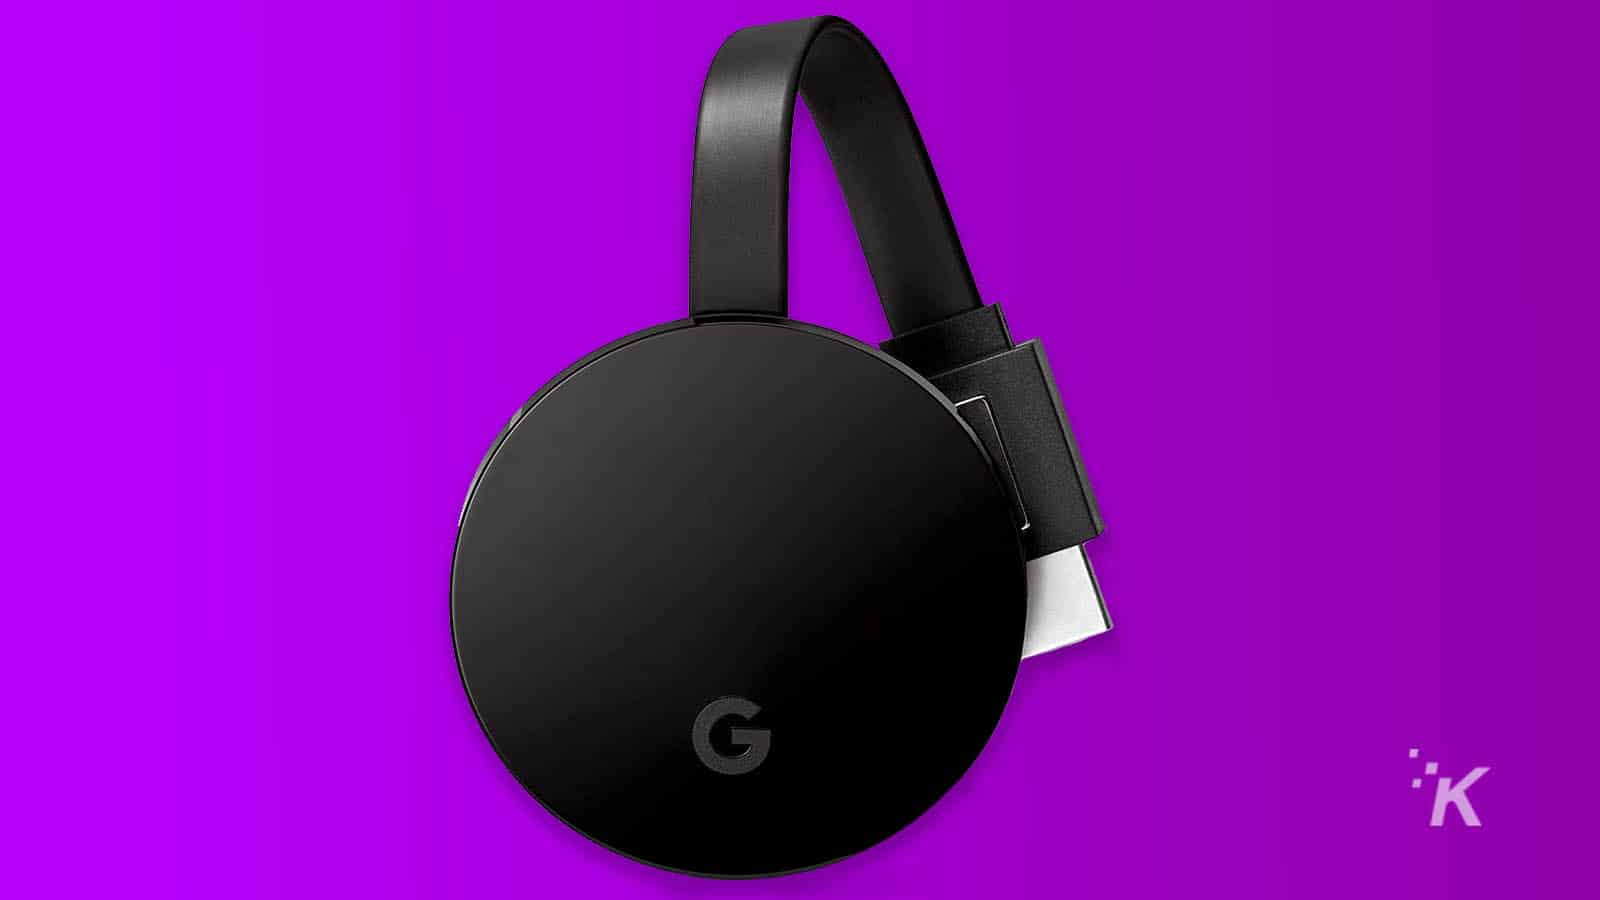 google chromecast ultra for streaming